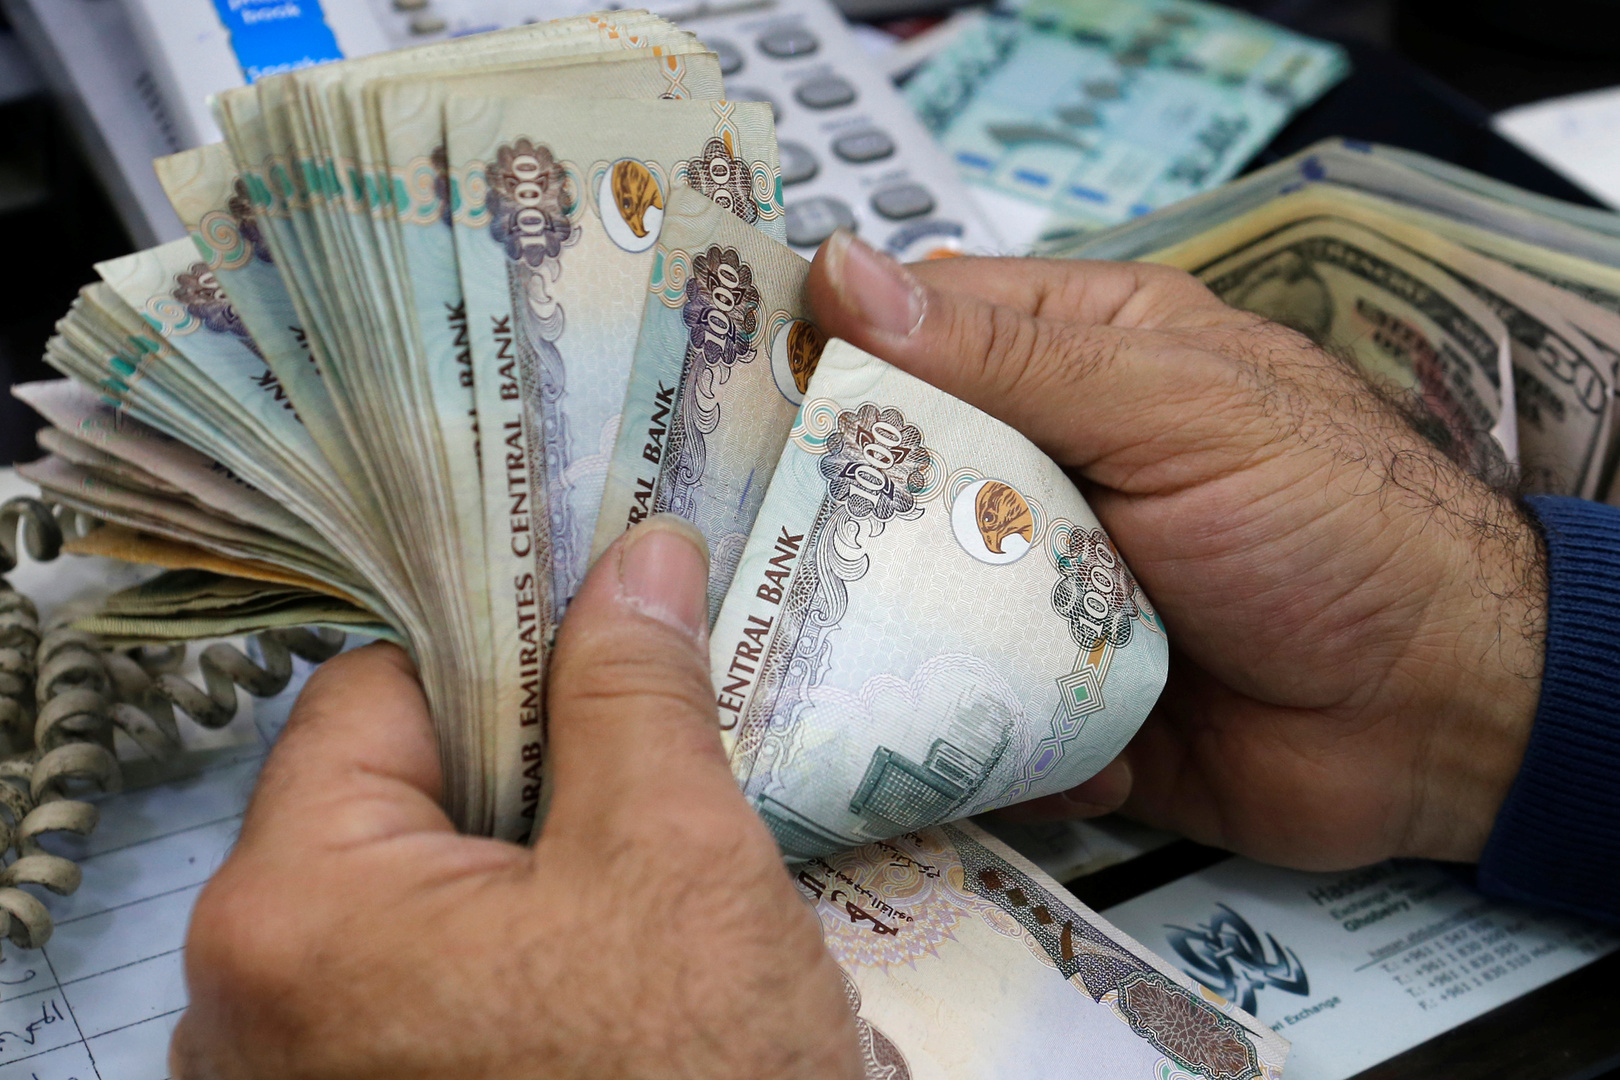 مصرف الإمارات المركزي: سنعمل على أن يصبح الدرهم الإماراتي عملة دولية